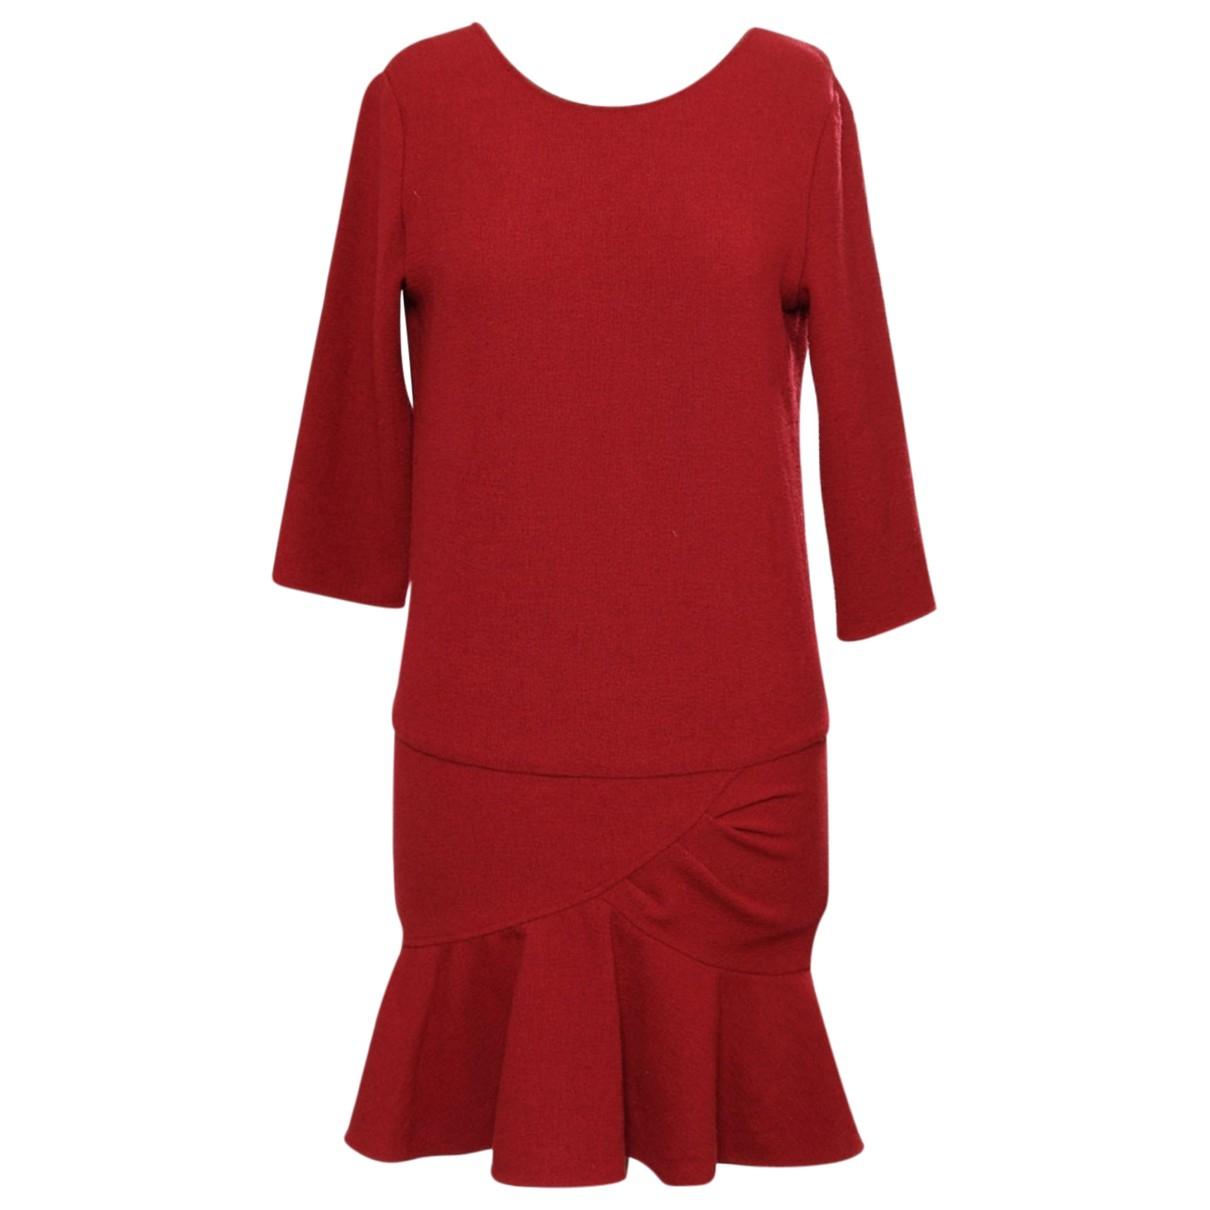 Ba&sh \N Kleid in  Rot Polyester